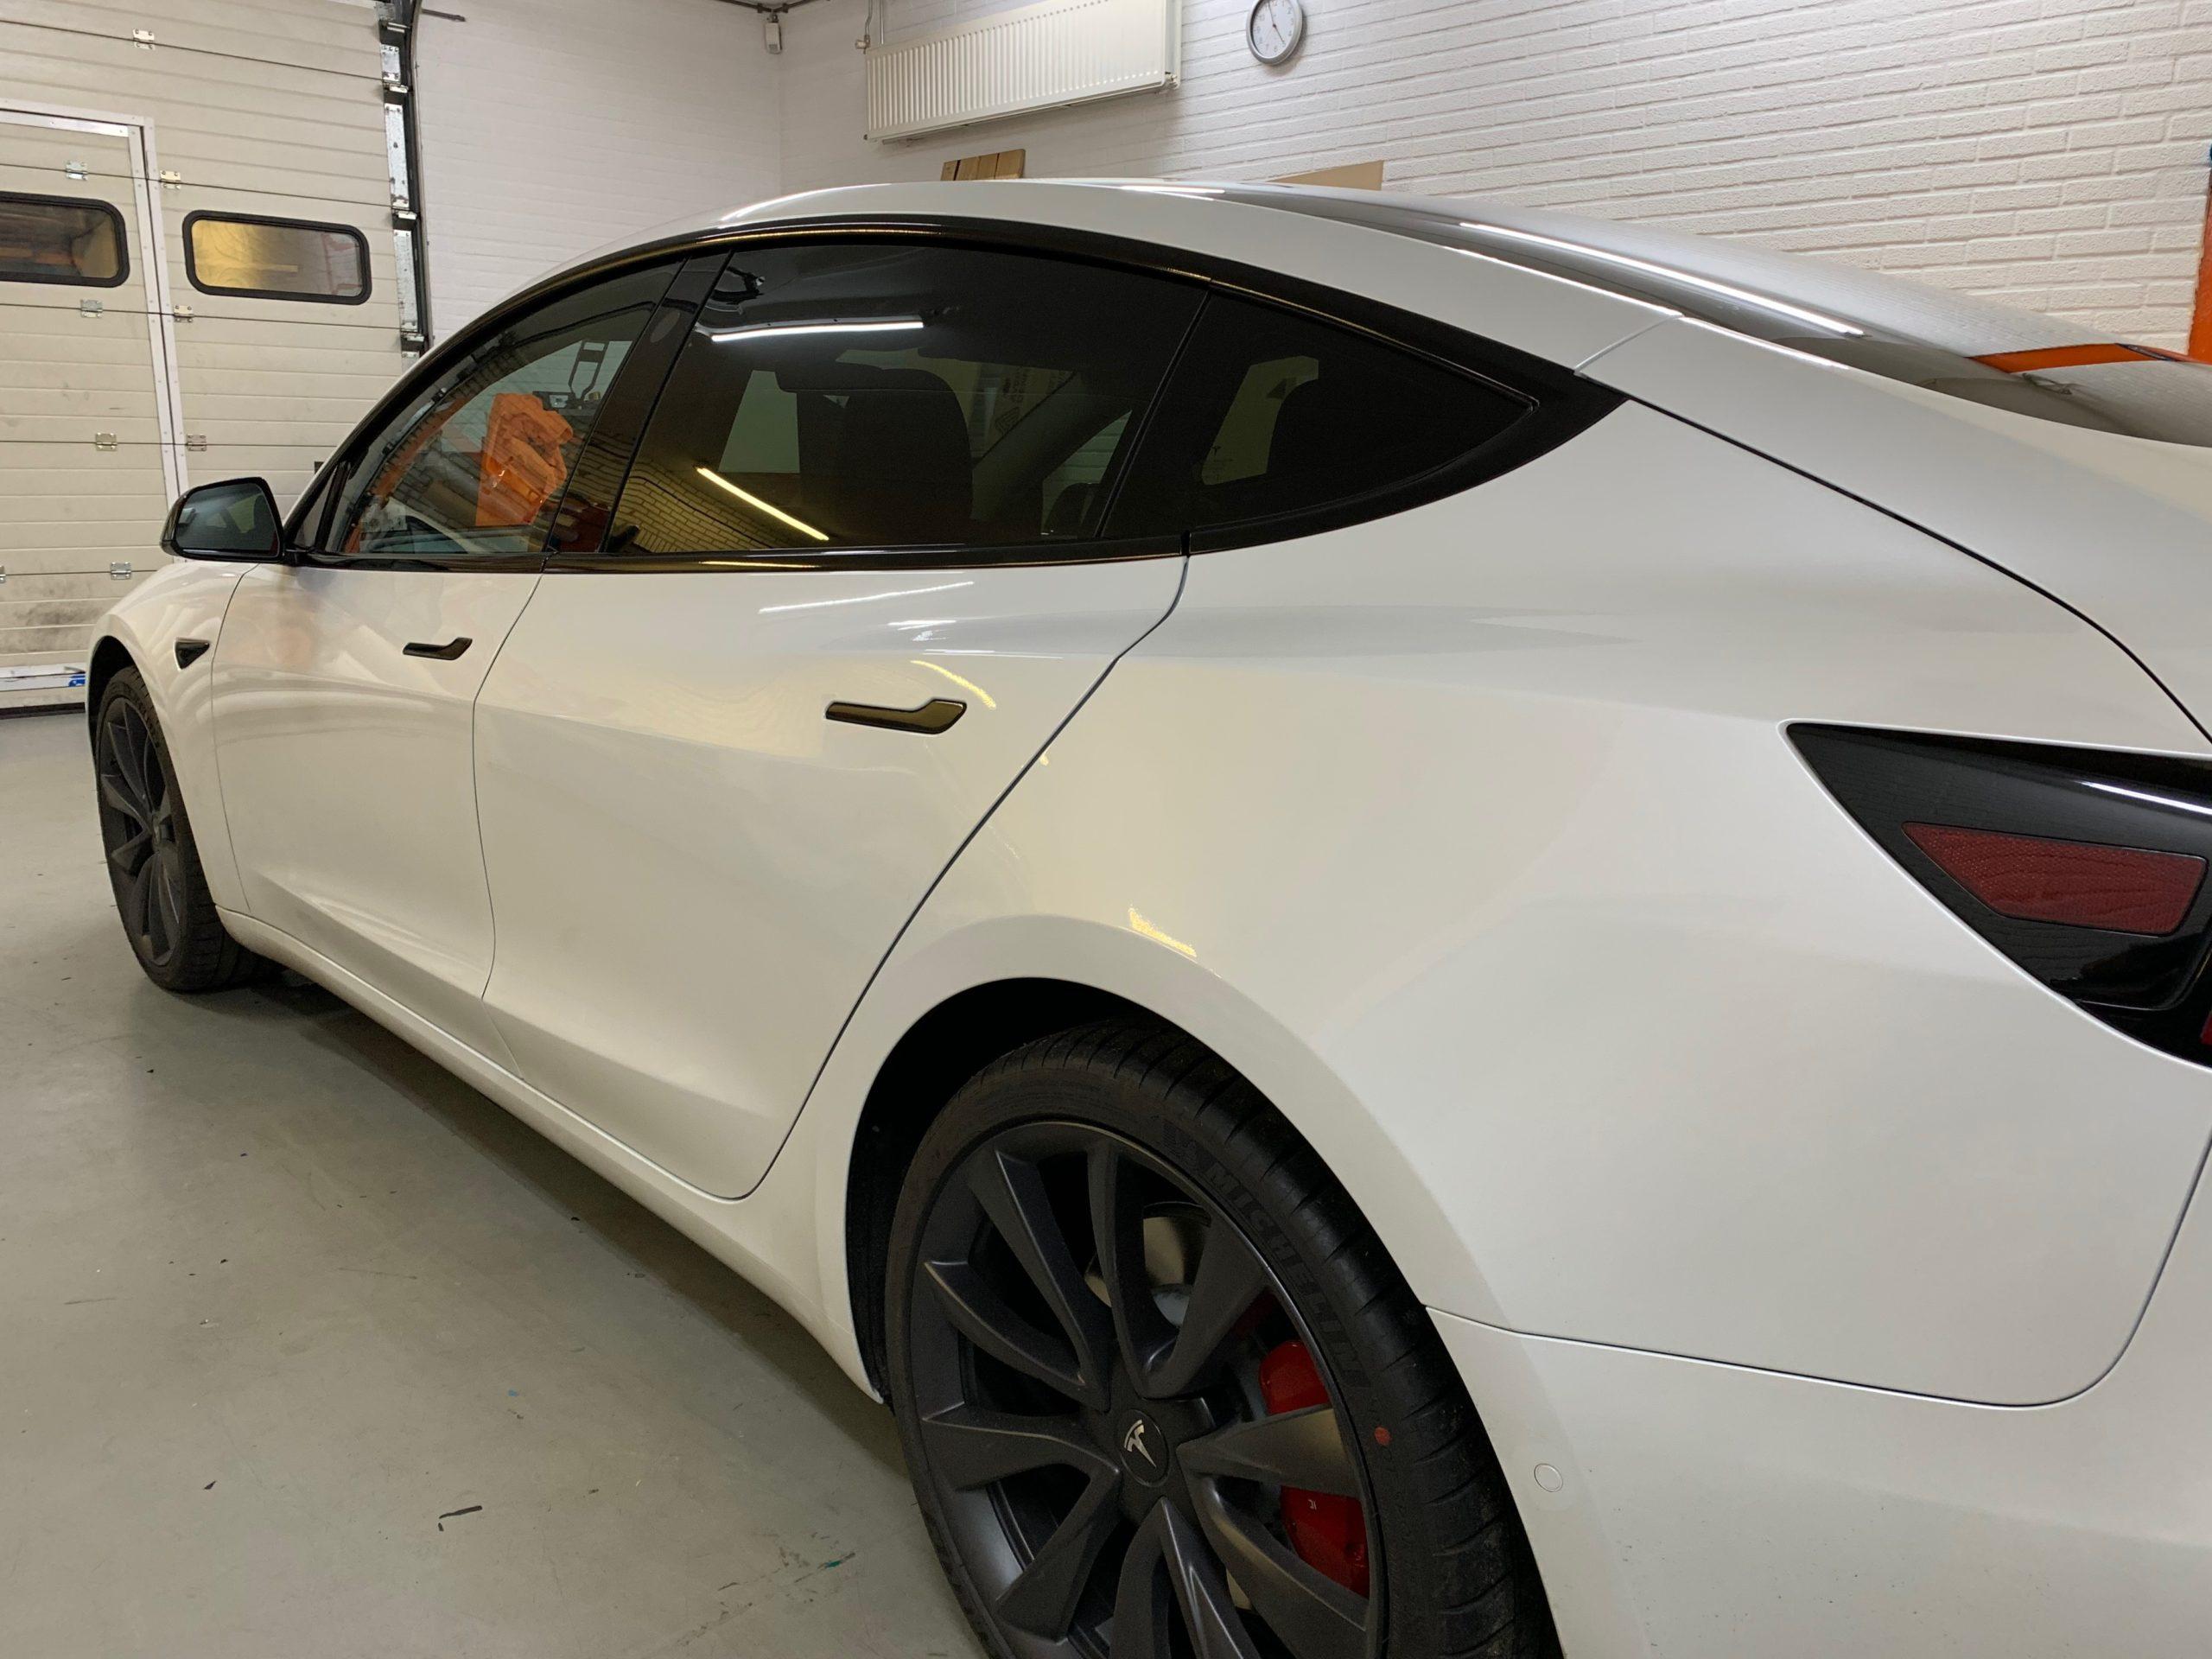 Tesla Raamlijsten Ontchromen